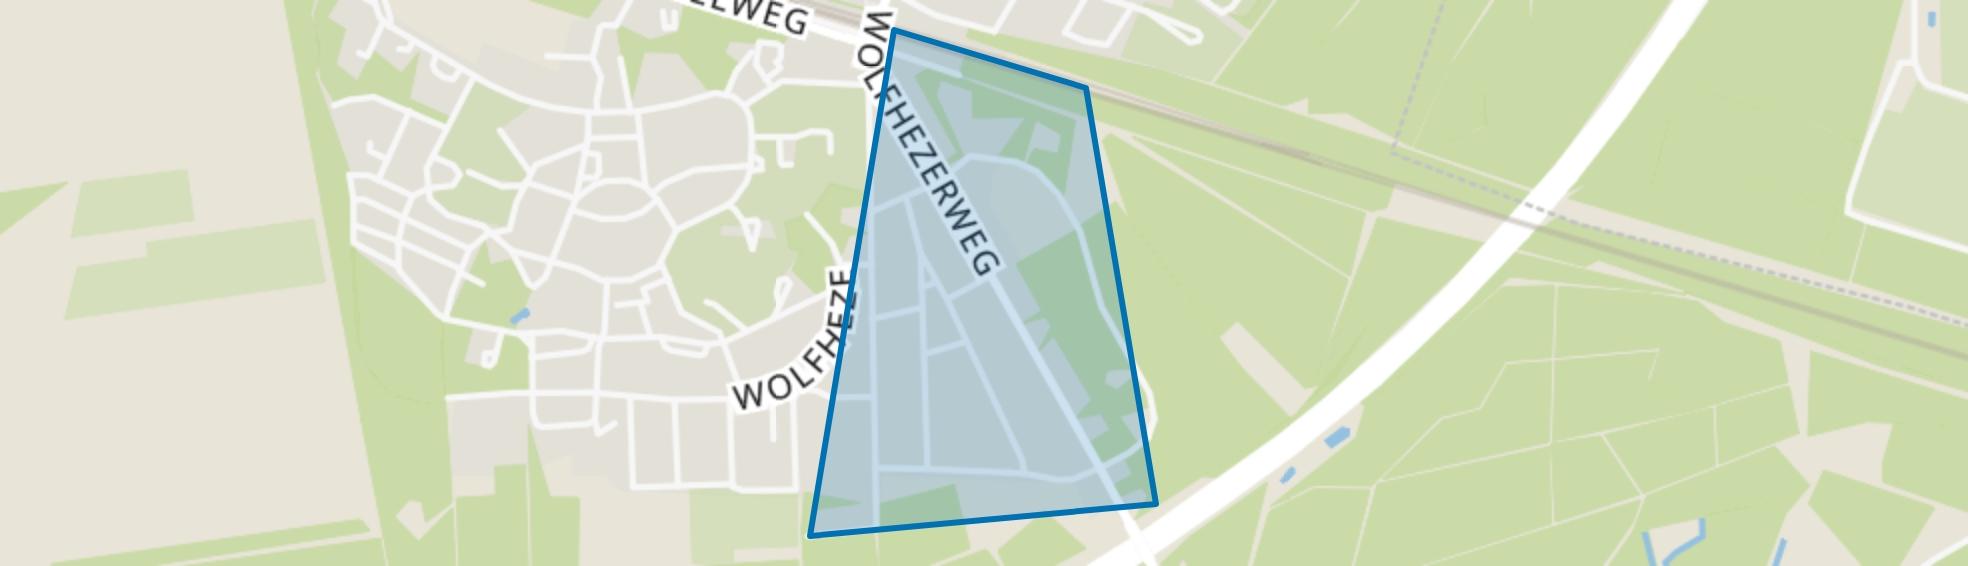 Lawijckerhof, Wolfheze map